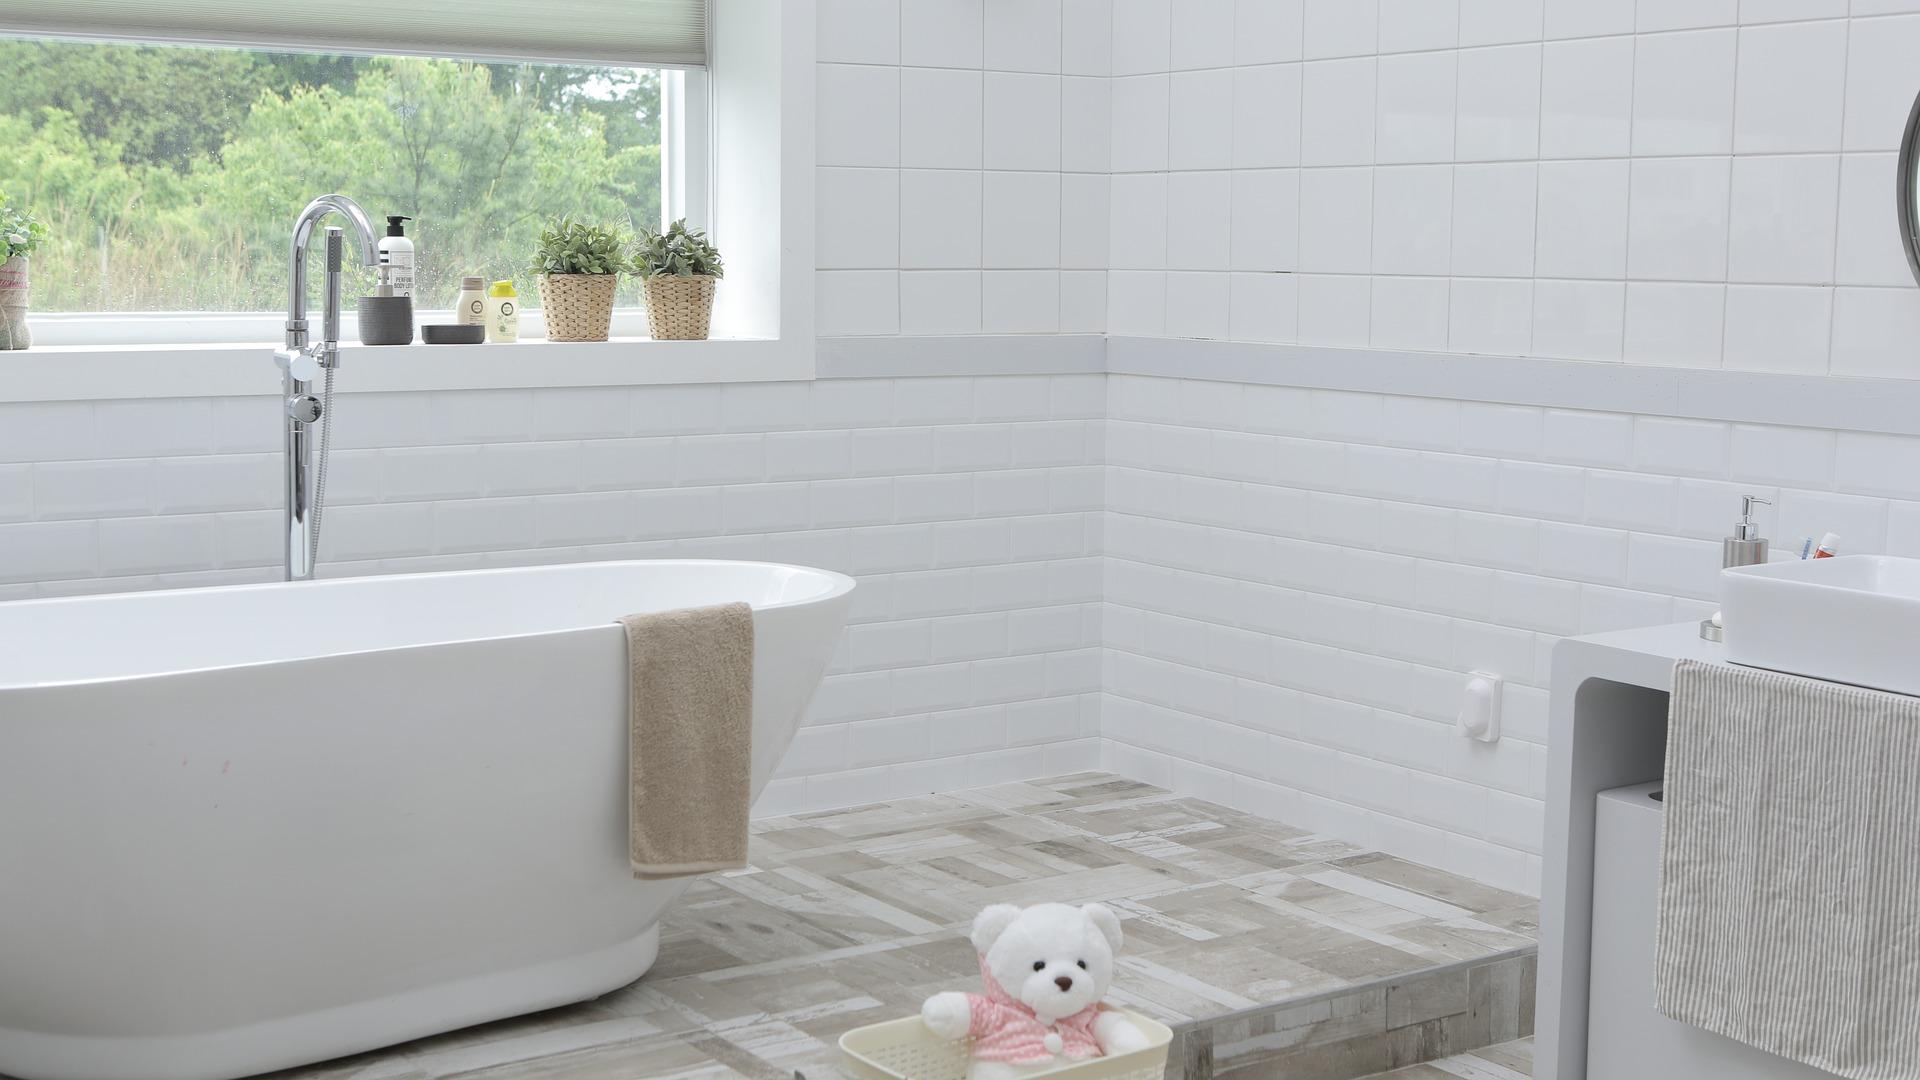 מהפך במקלחת: איך תהפכו את המקלחת שלכם למפנקת ומזמינה